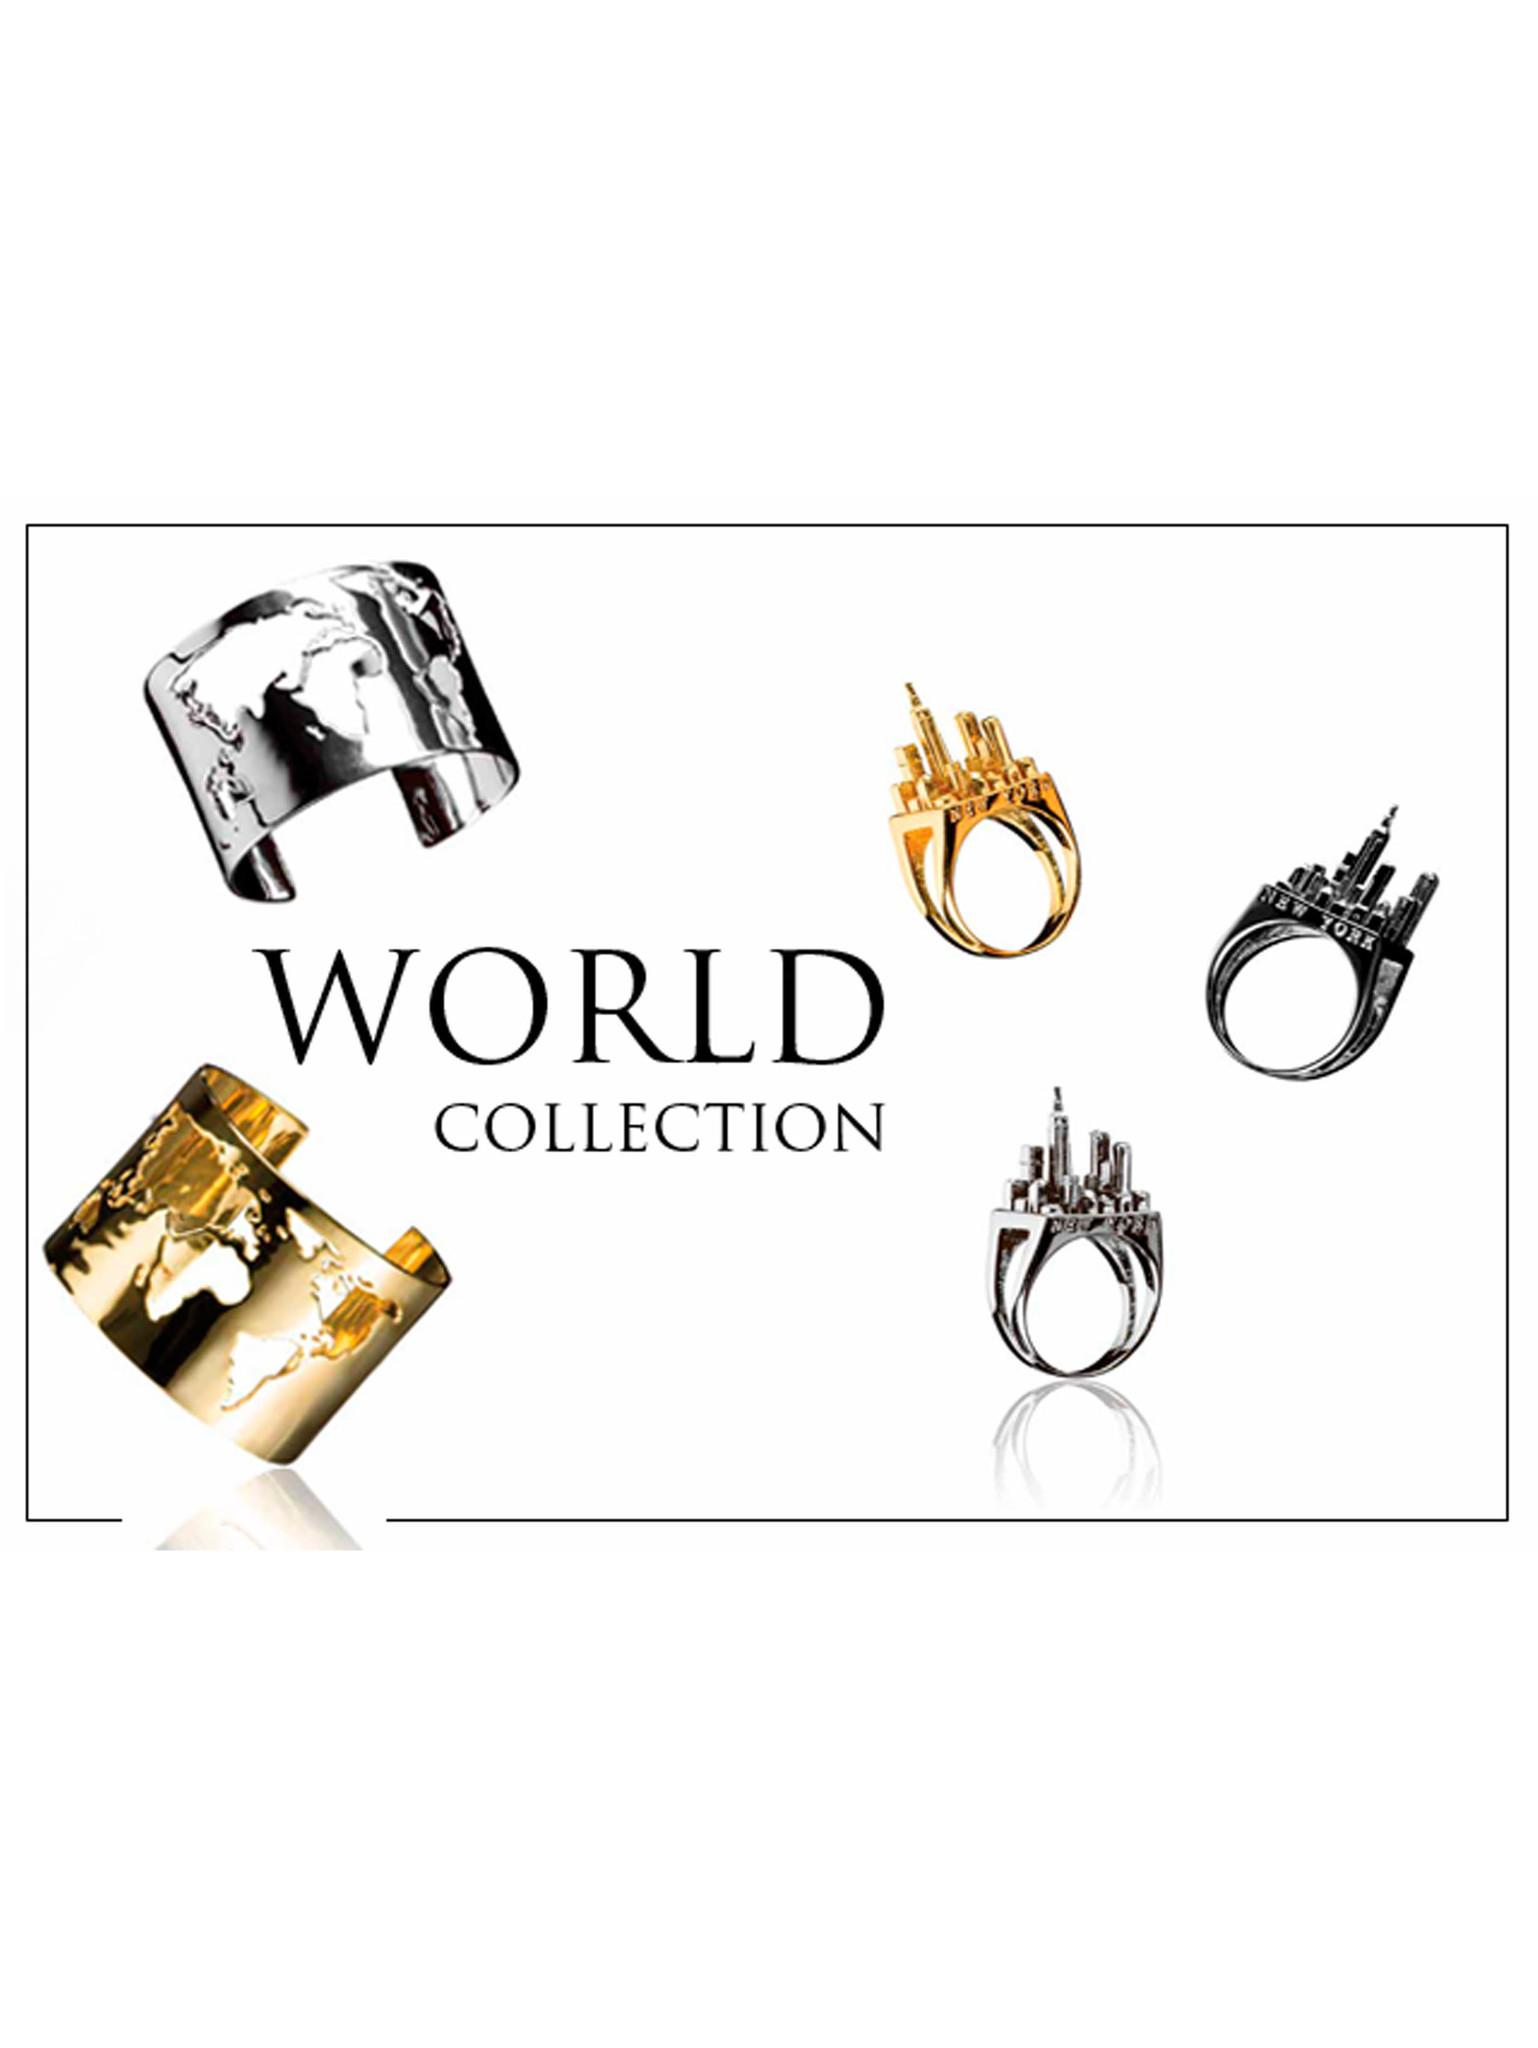 Путешествия украшений  World Collection oт Artelier MX по всей планете